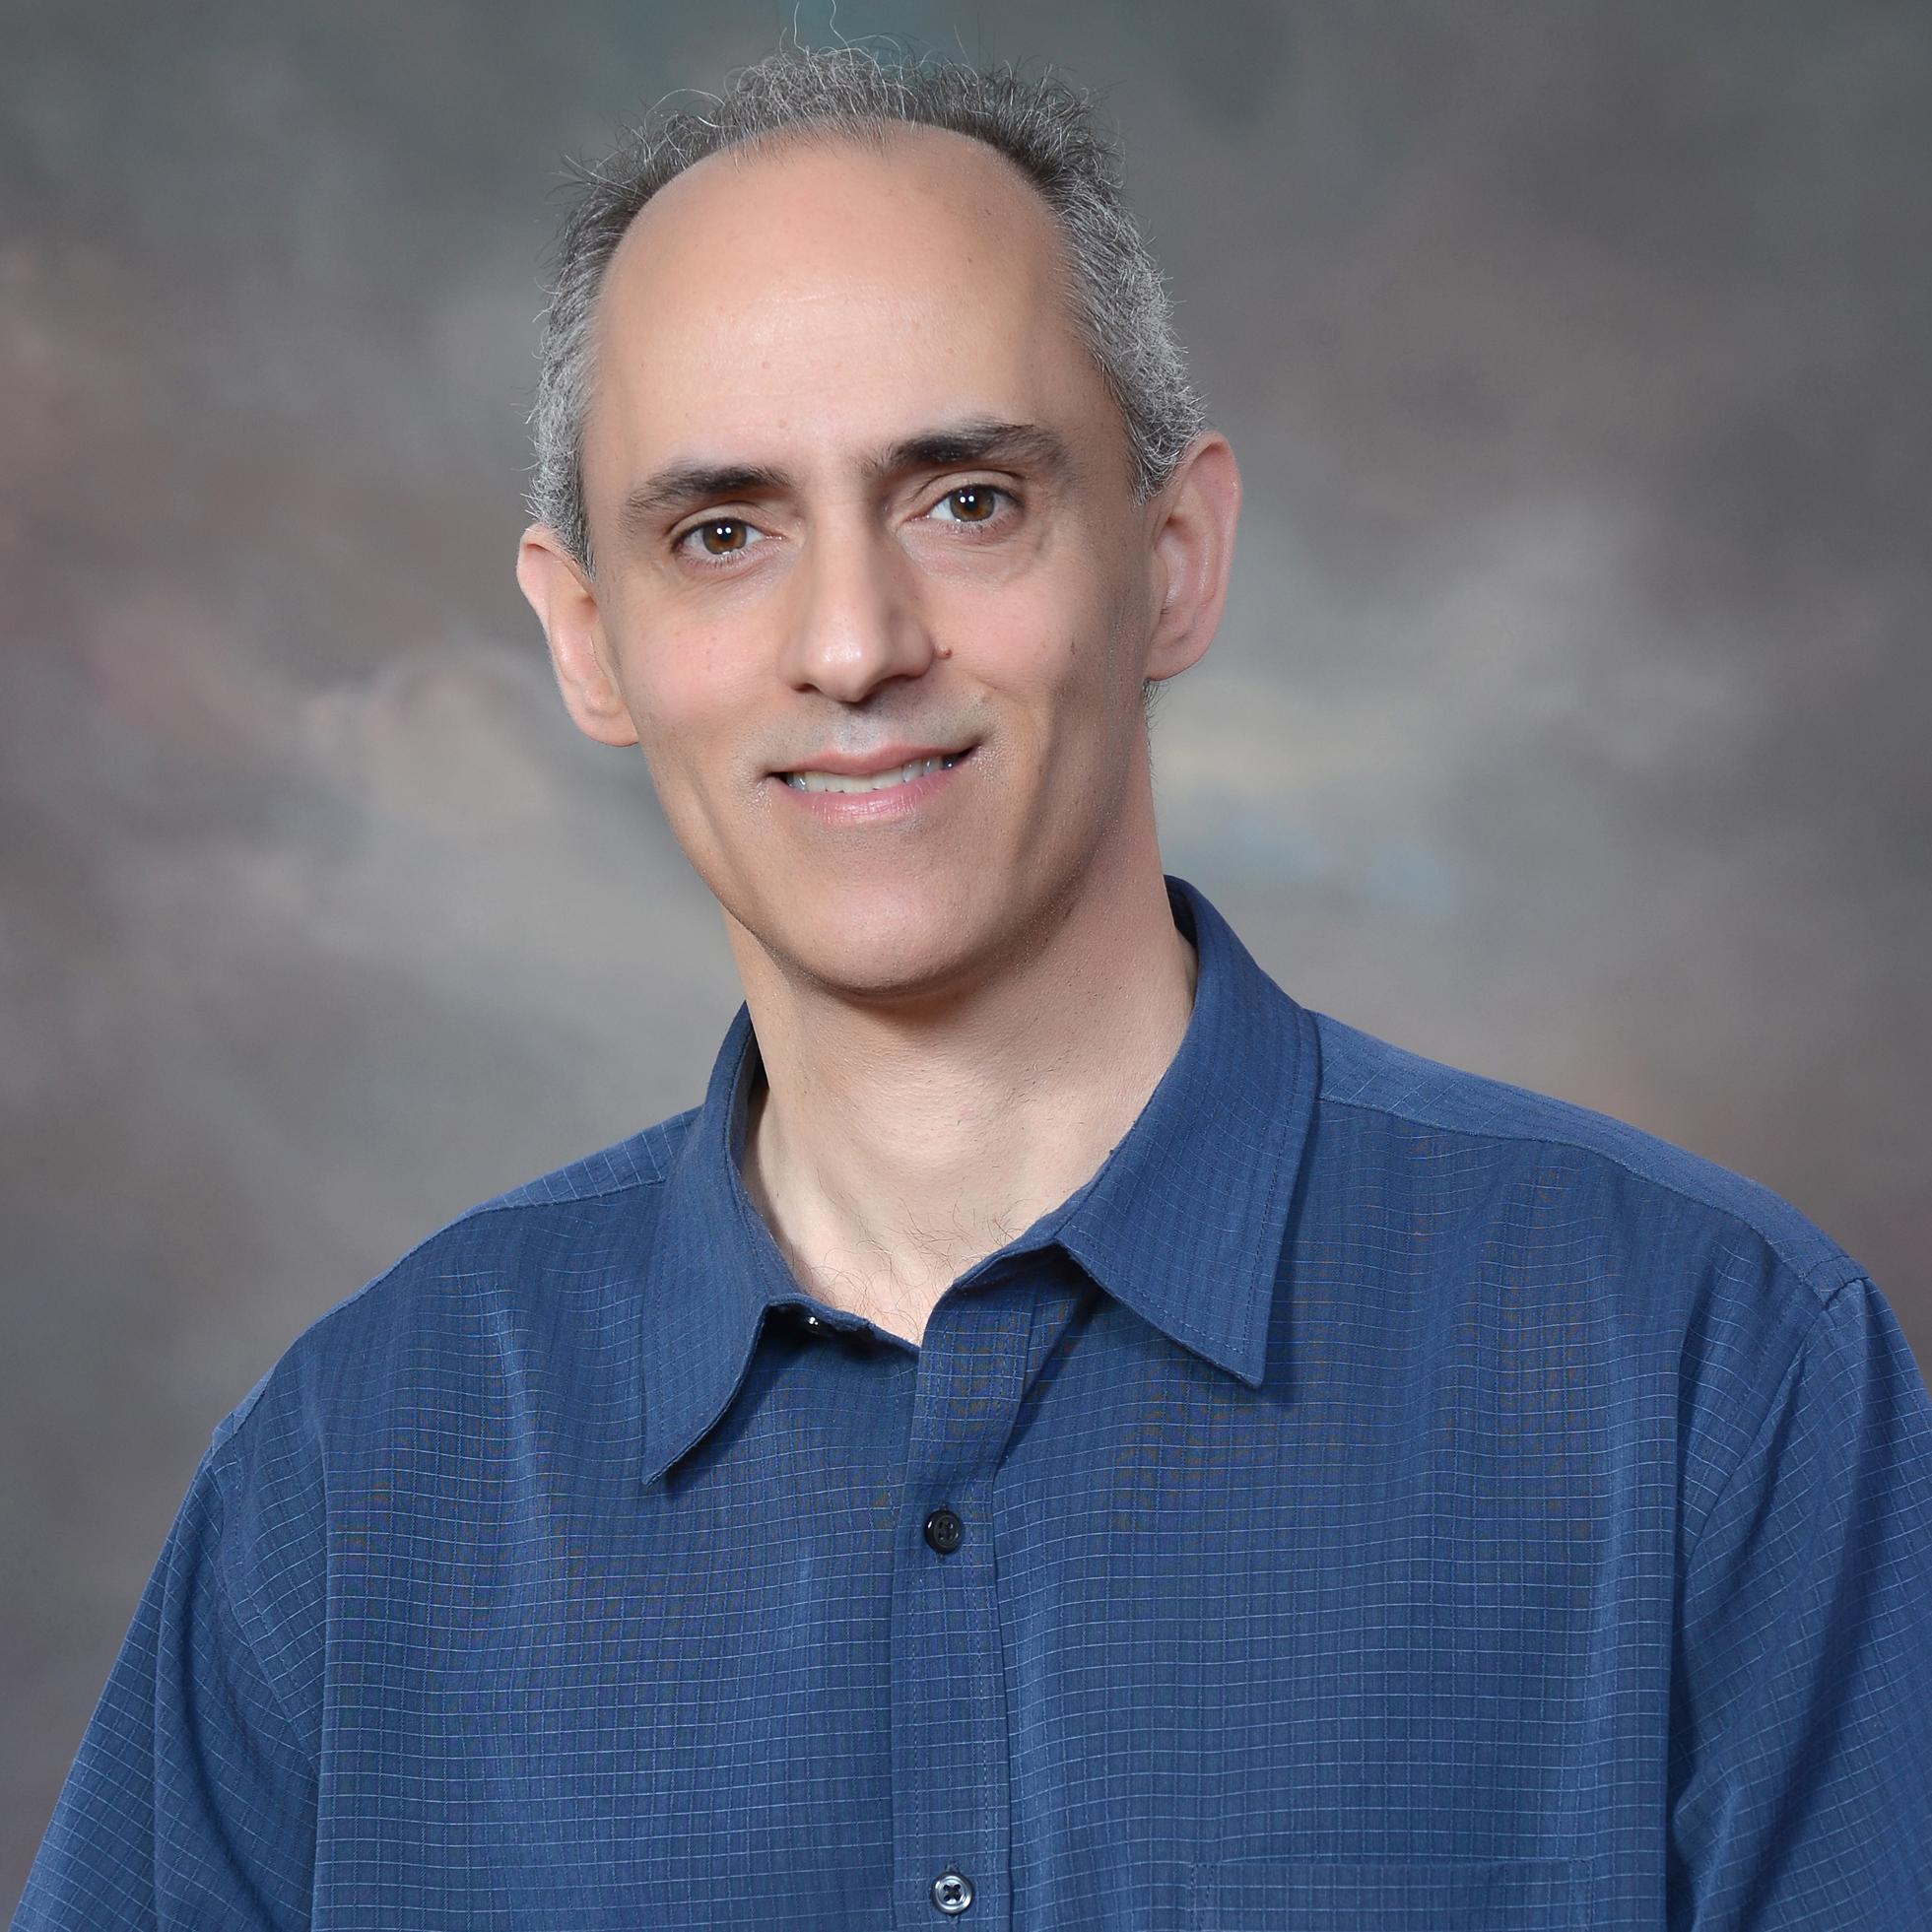 Anthony Rizzuti